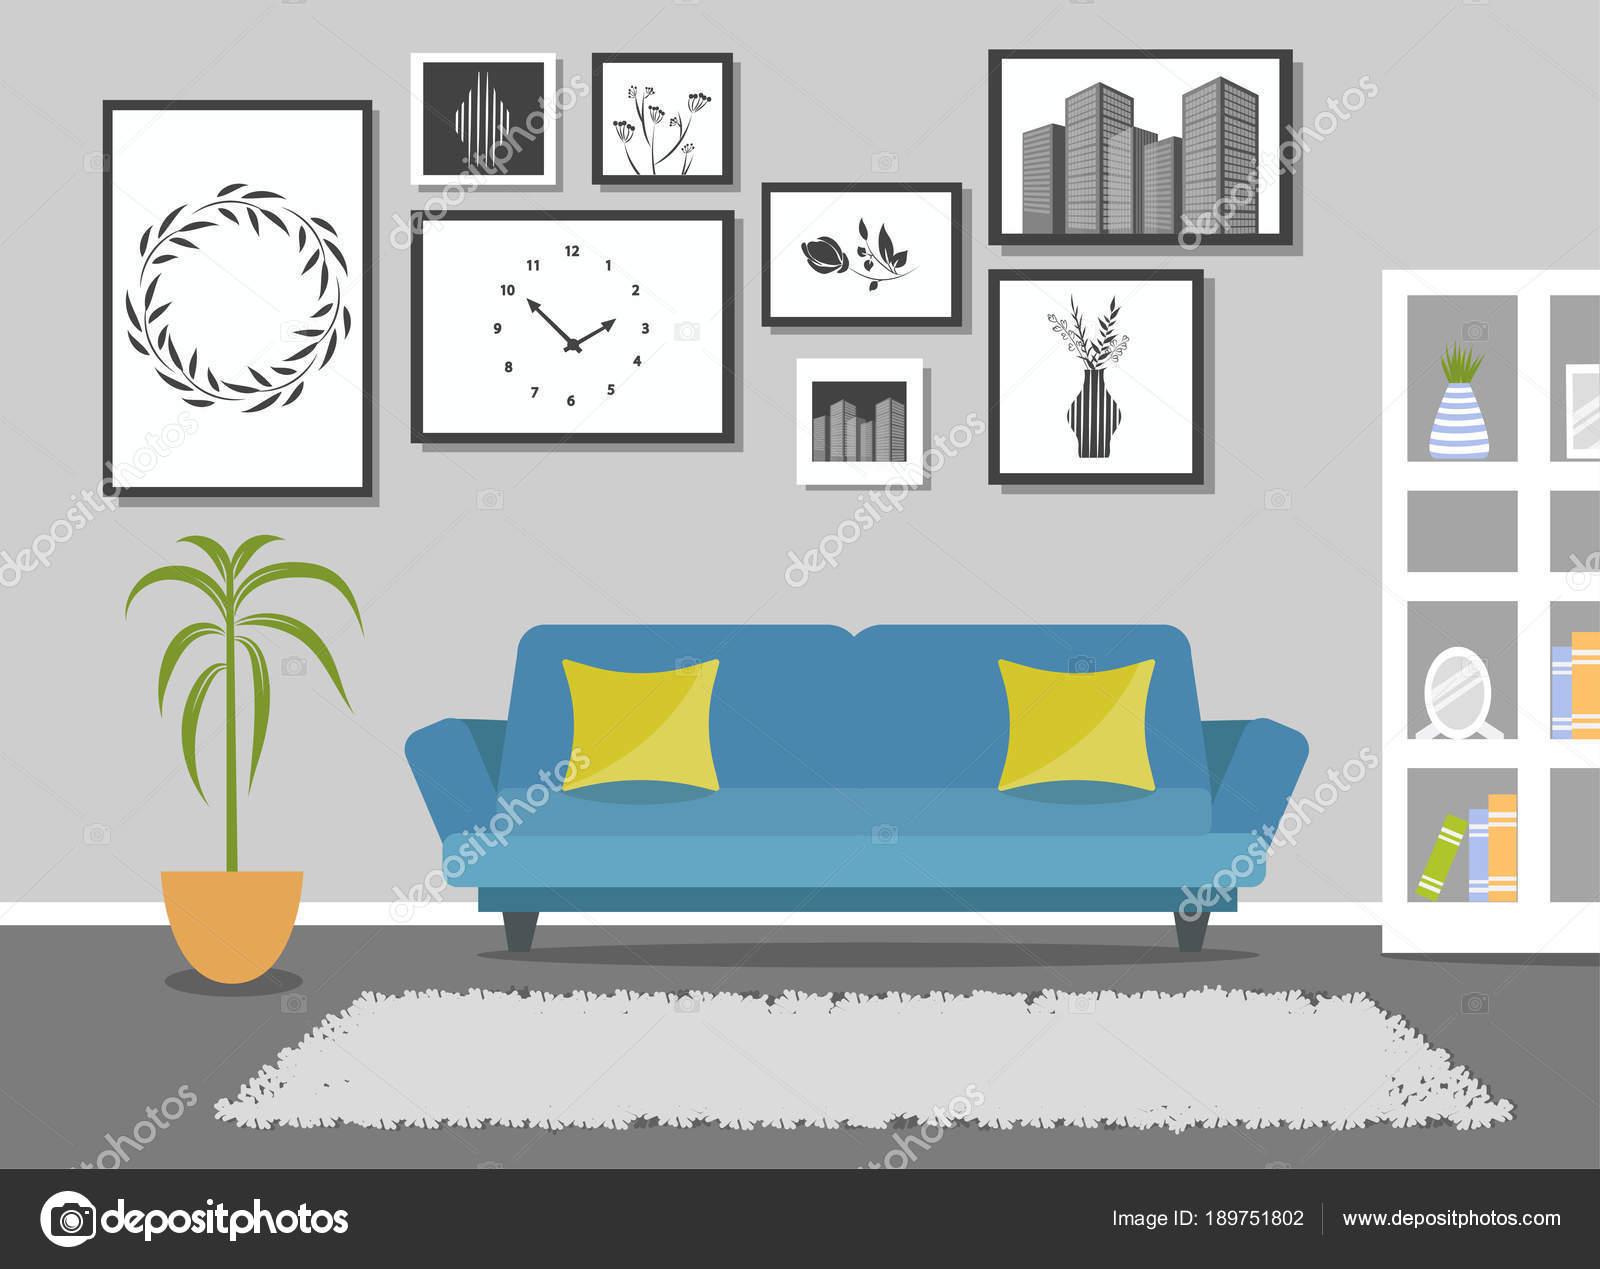 Fesselnd Modernes Design Wohnzimmer Interieur. Gestaltung Der Ein Gemütliches Zimmer  Mit Einem Sofa, Fenster Und Dekor Zubehör U2014 Vektor Von OlenaHalahan